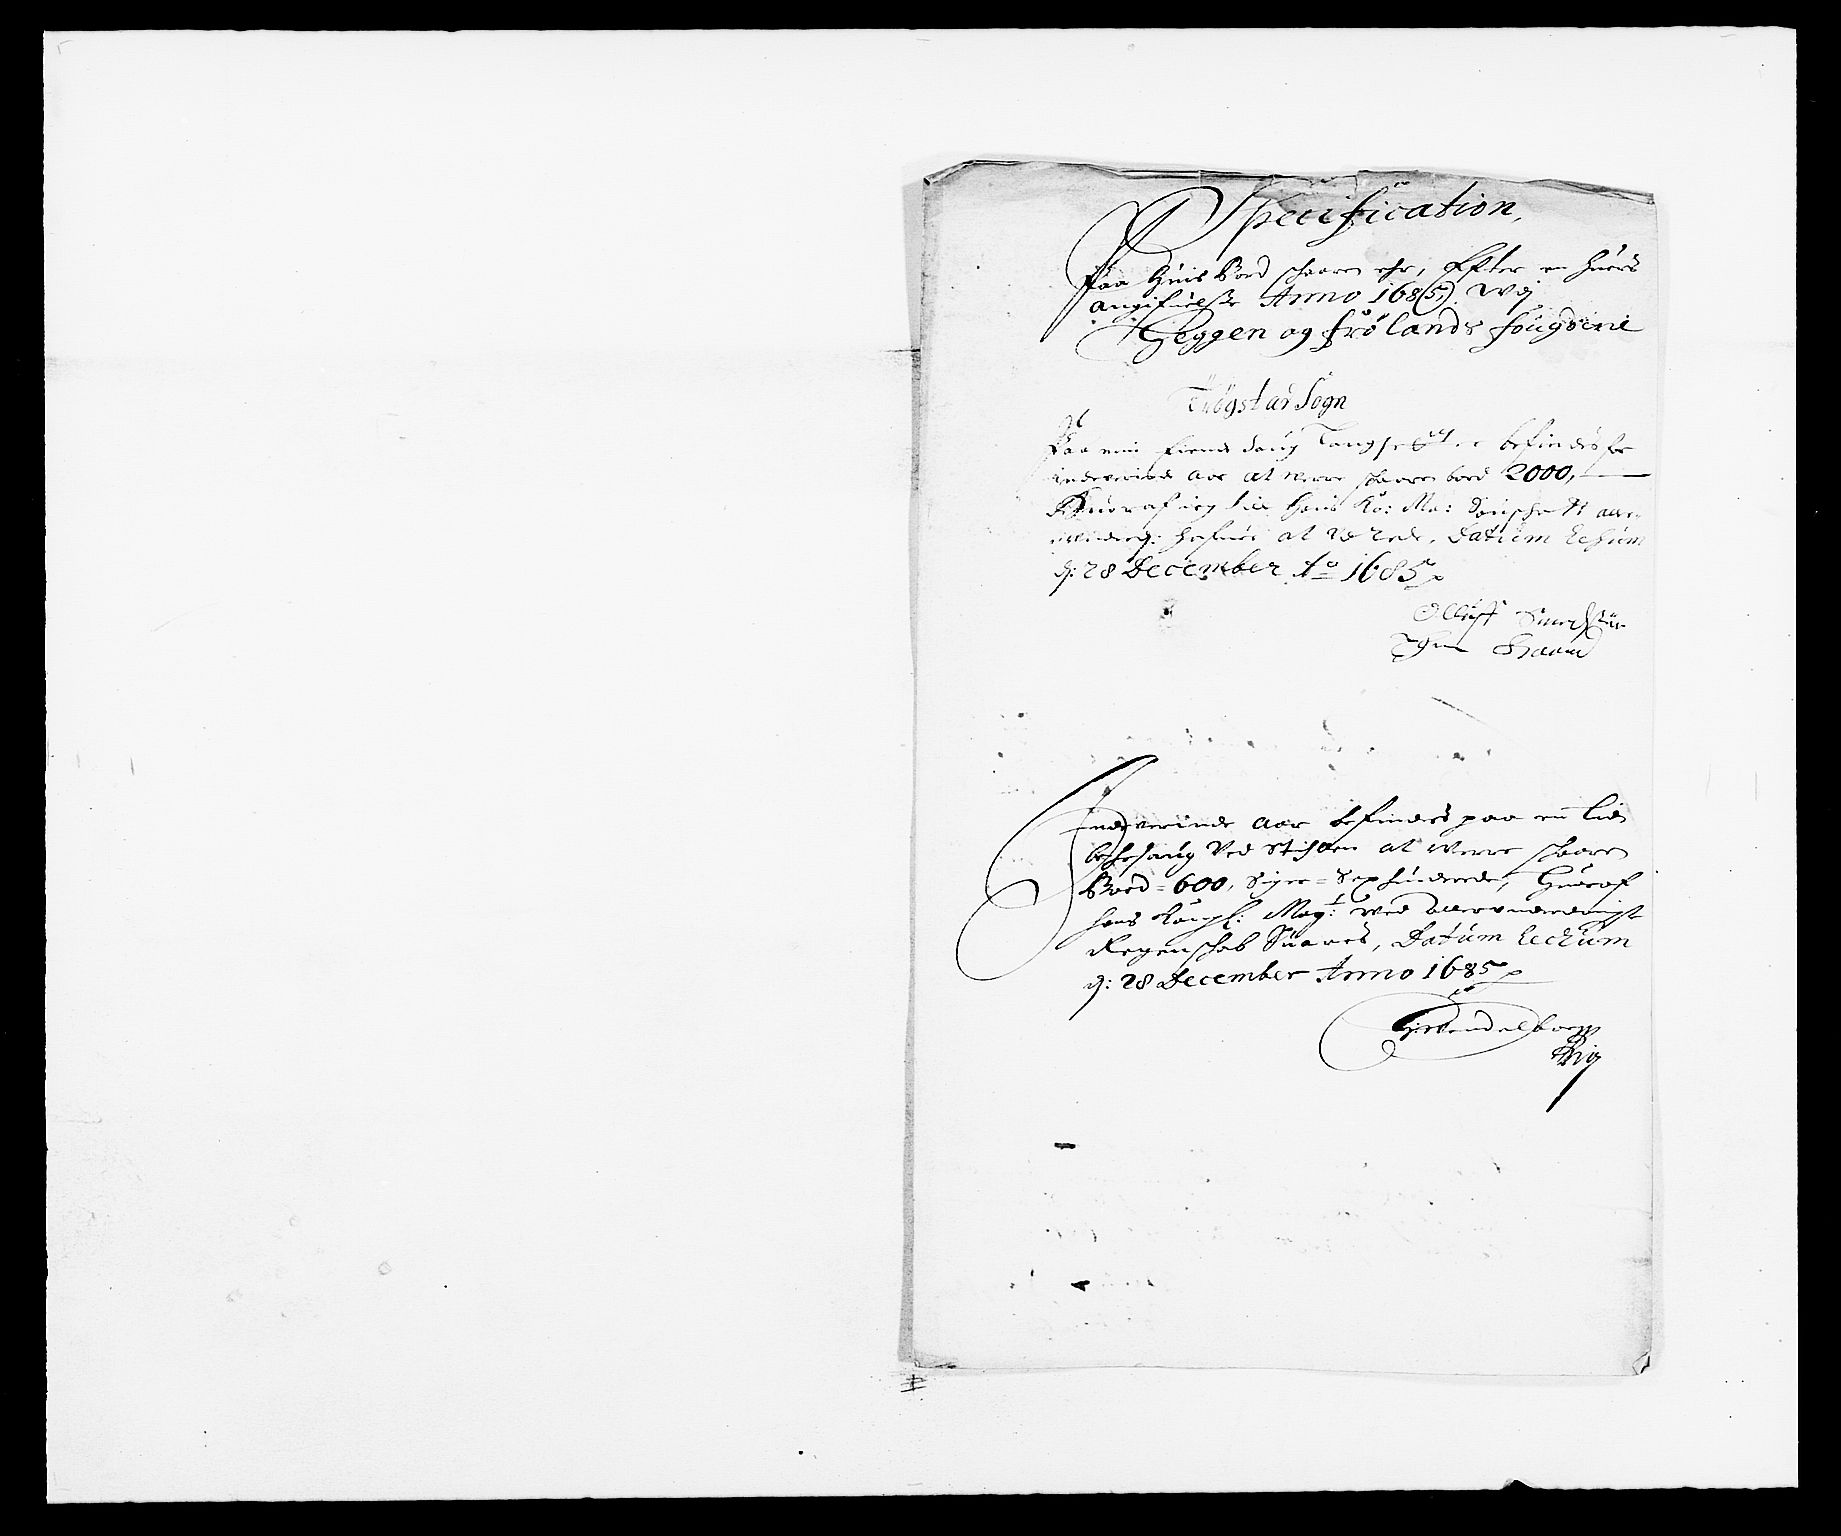 RA, Rentekammeret inntil 1814, Reviderte regnskaper, Fogderegnskap, R06/L0281: Fogderegnskap Heggen og Frøland, 1678-1686, s. 47